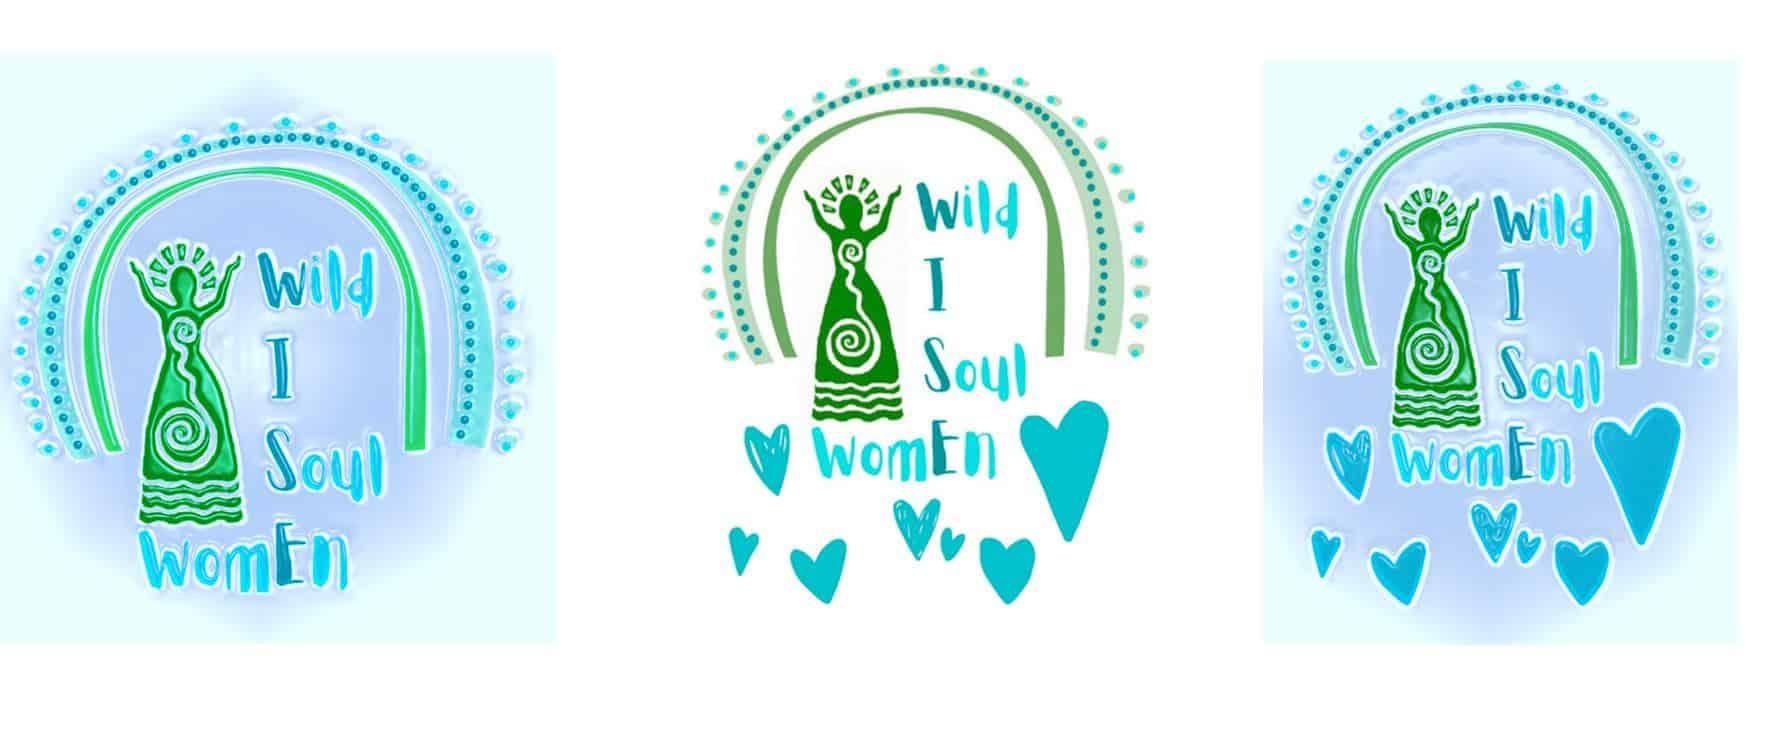 wild soul women+